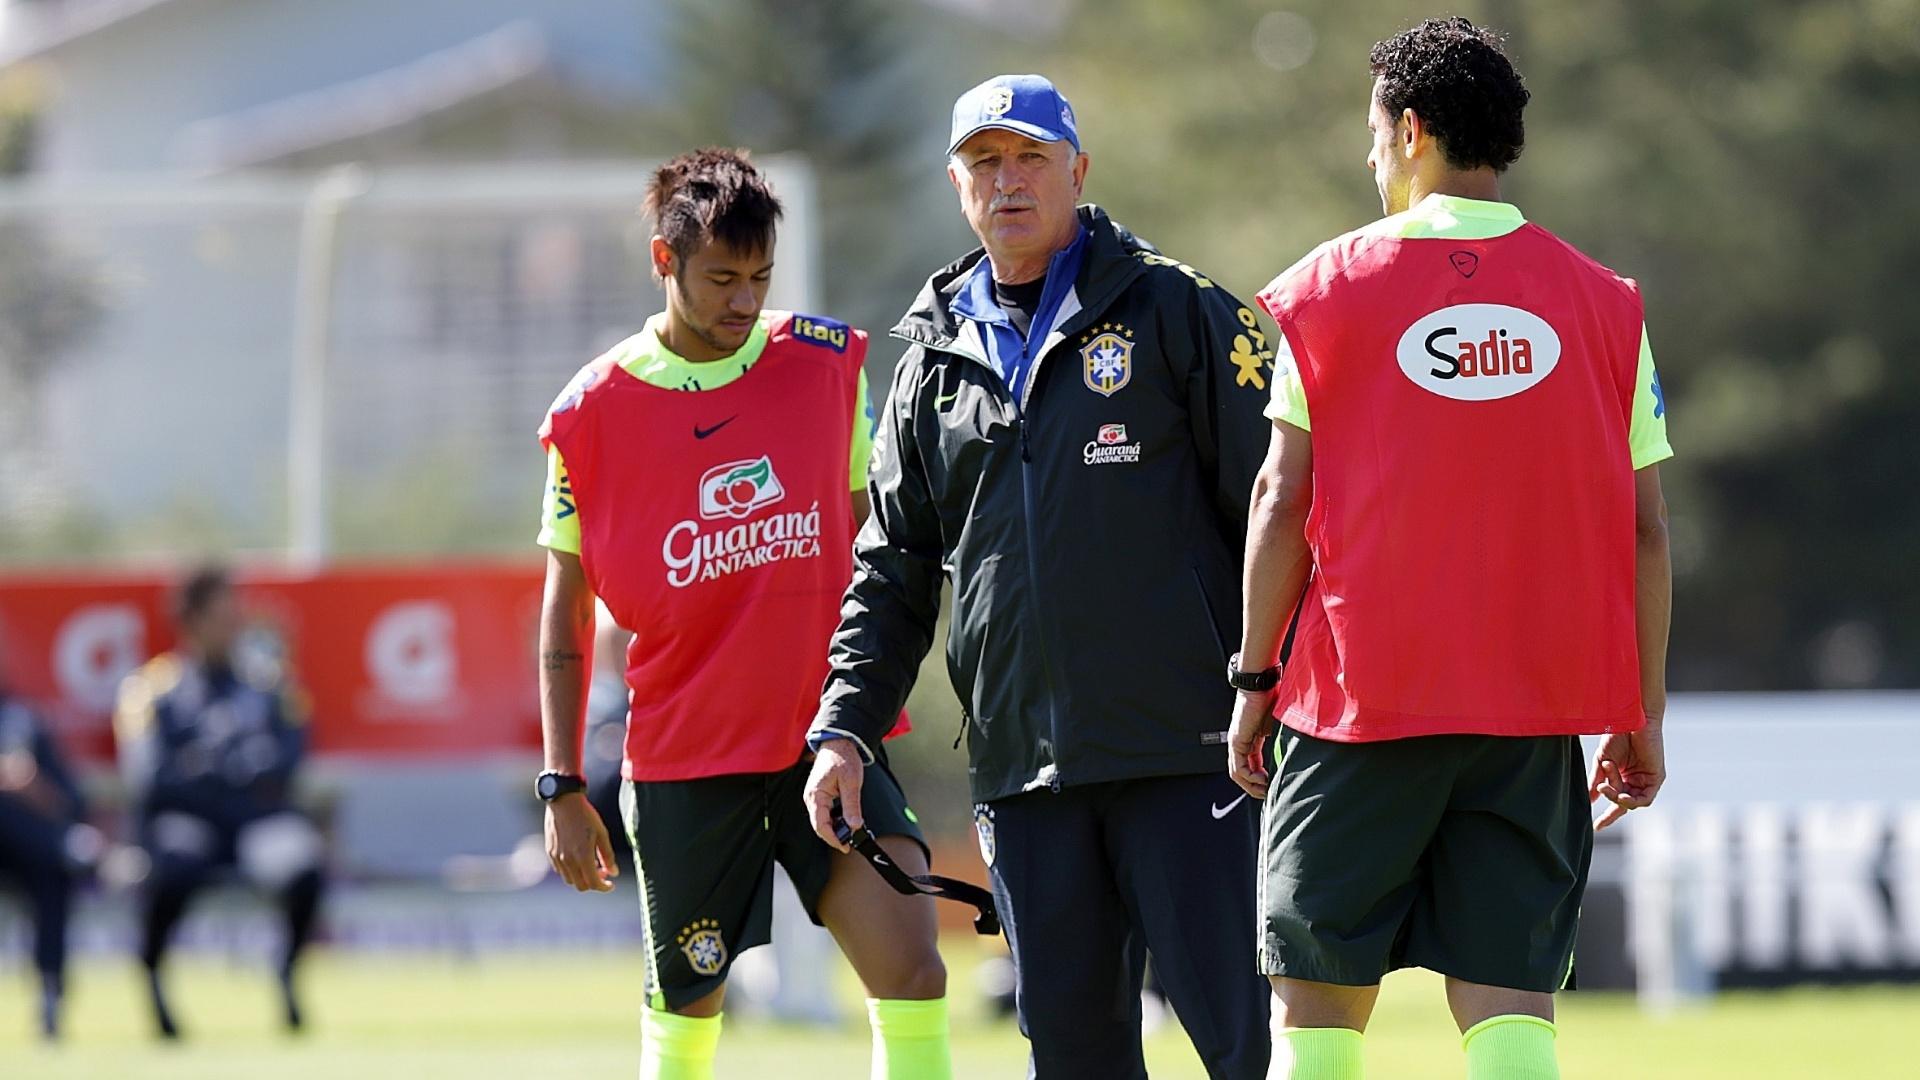 Felipão organiza treino ao lado de Neymar. A seleção brasileira se prepara para o amistoso contra a Sérvia, que será disputado em São Paulo nesta sexta-feira